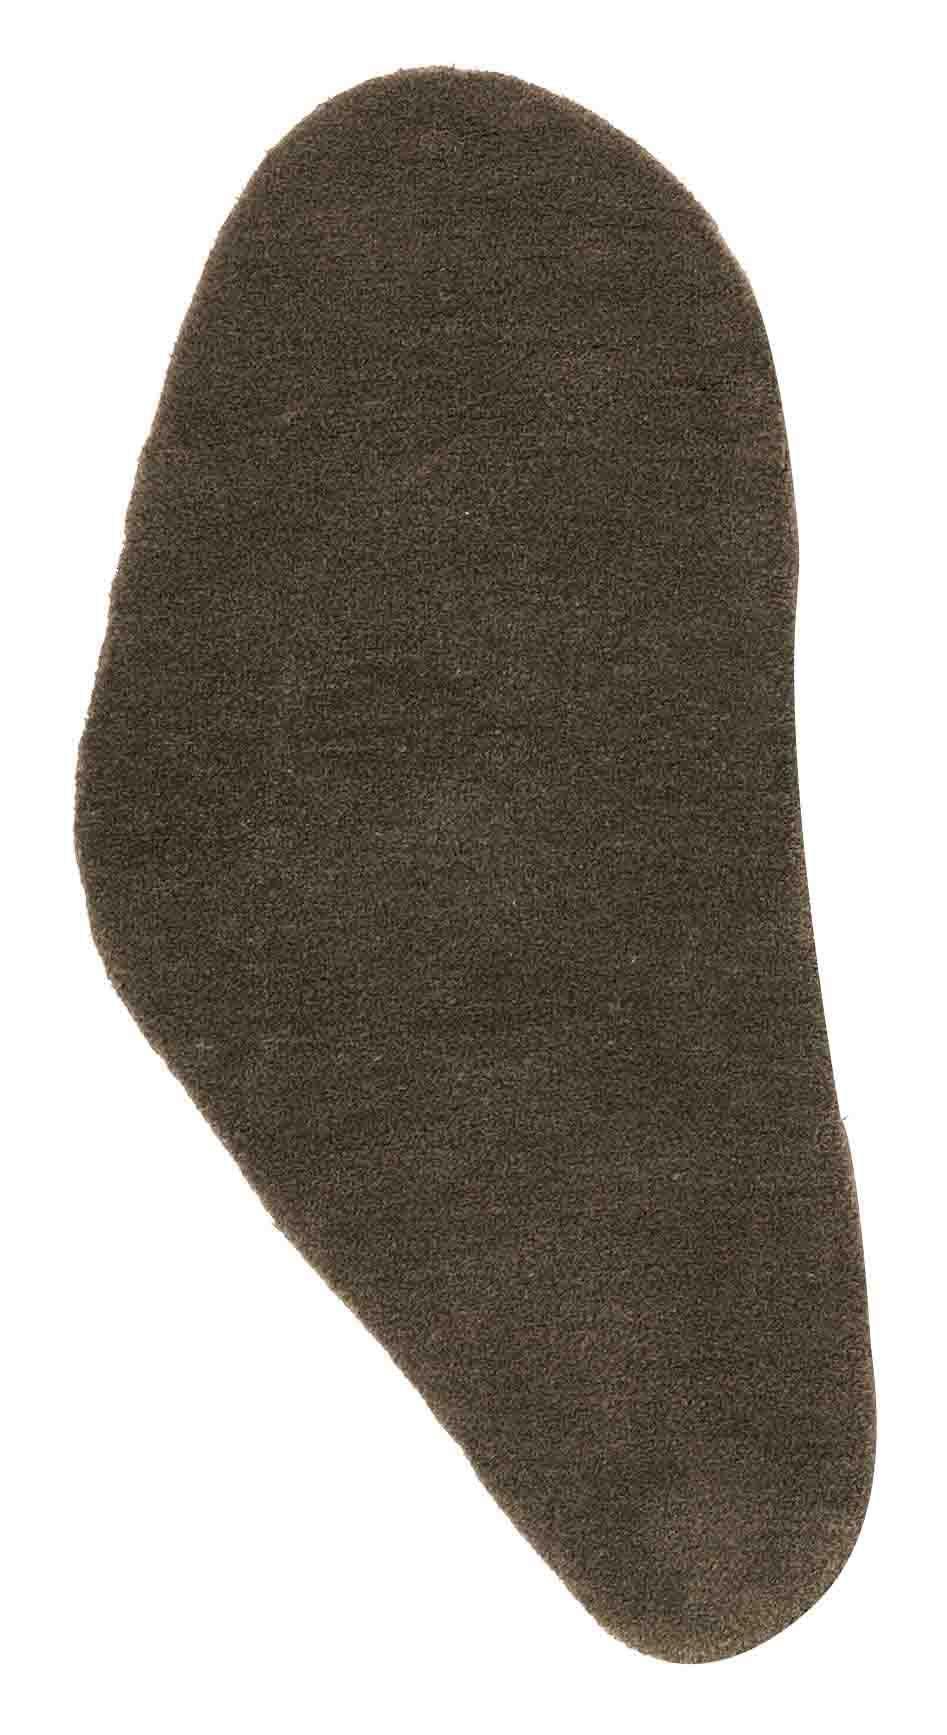 Arredamento - Tappeti  - Tappeto Little Stone 11 - 55 x 110 cm di Nanimarquina - 55 x 110 cm - Grigio ardesia - Lana